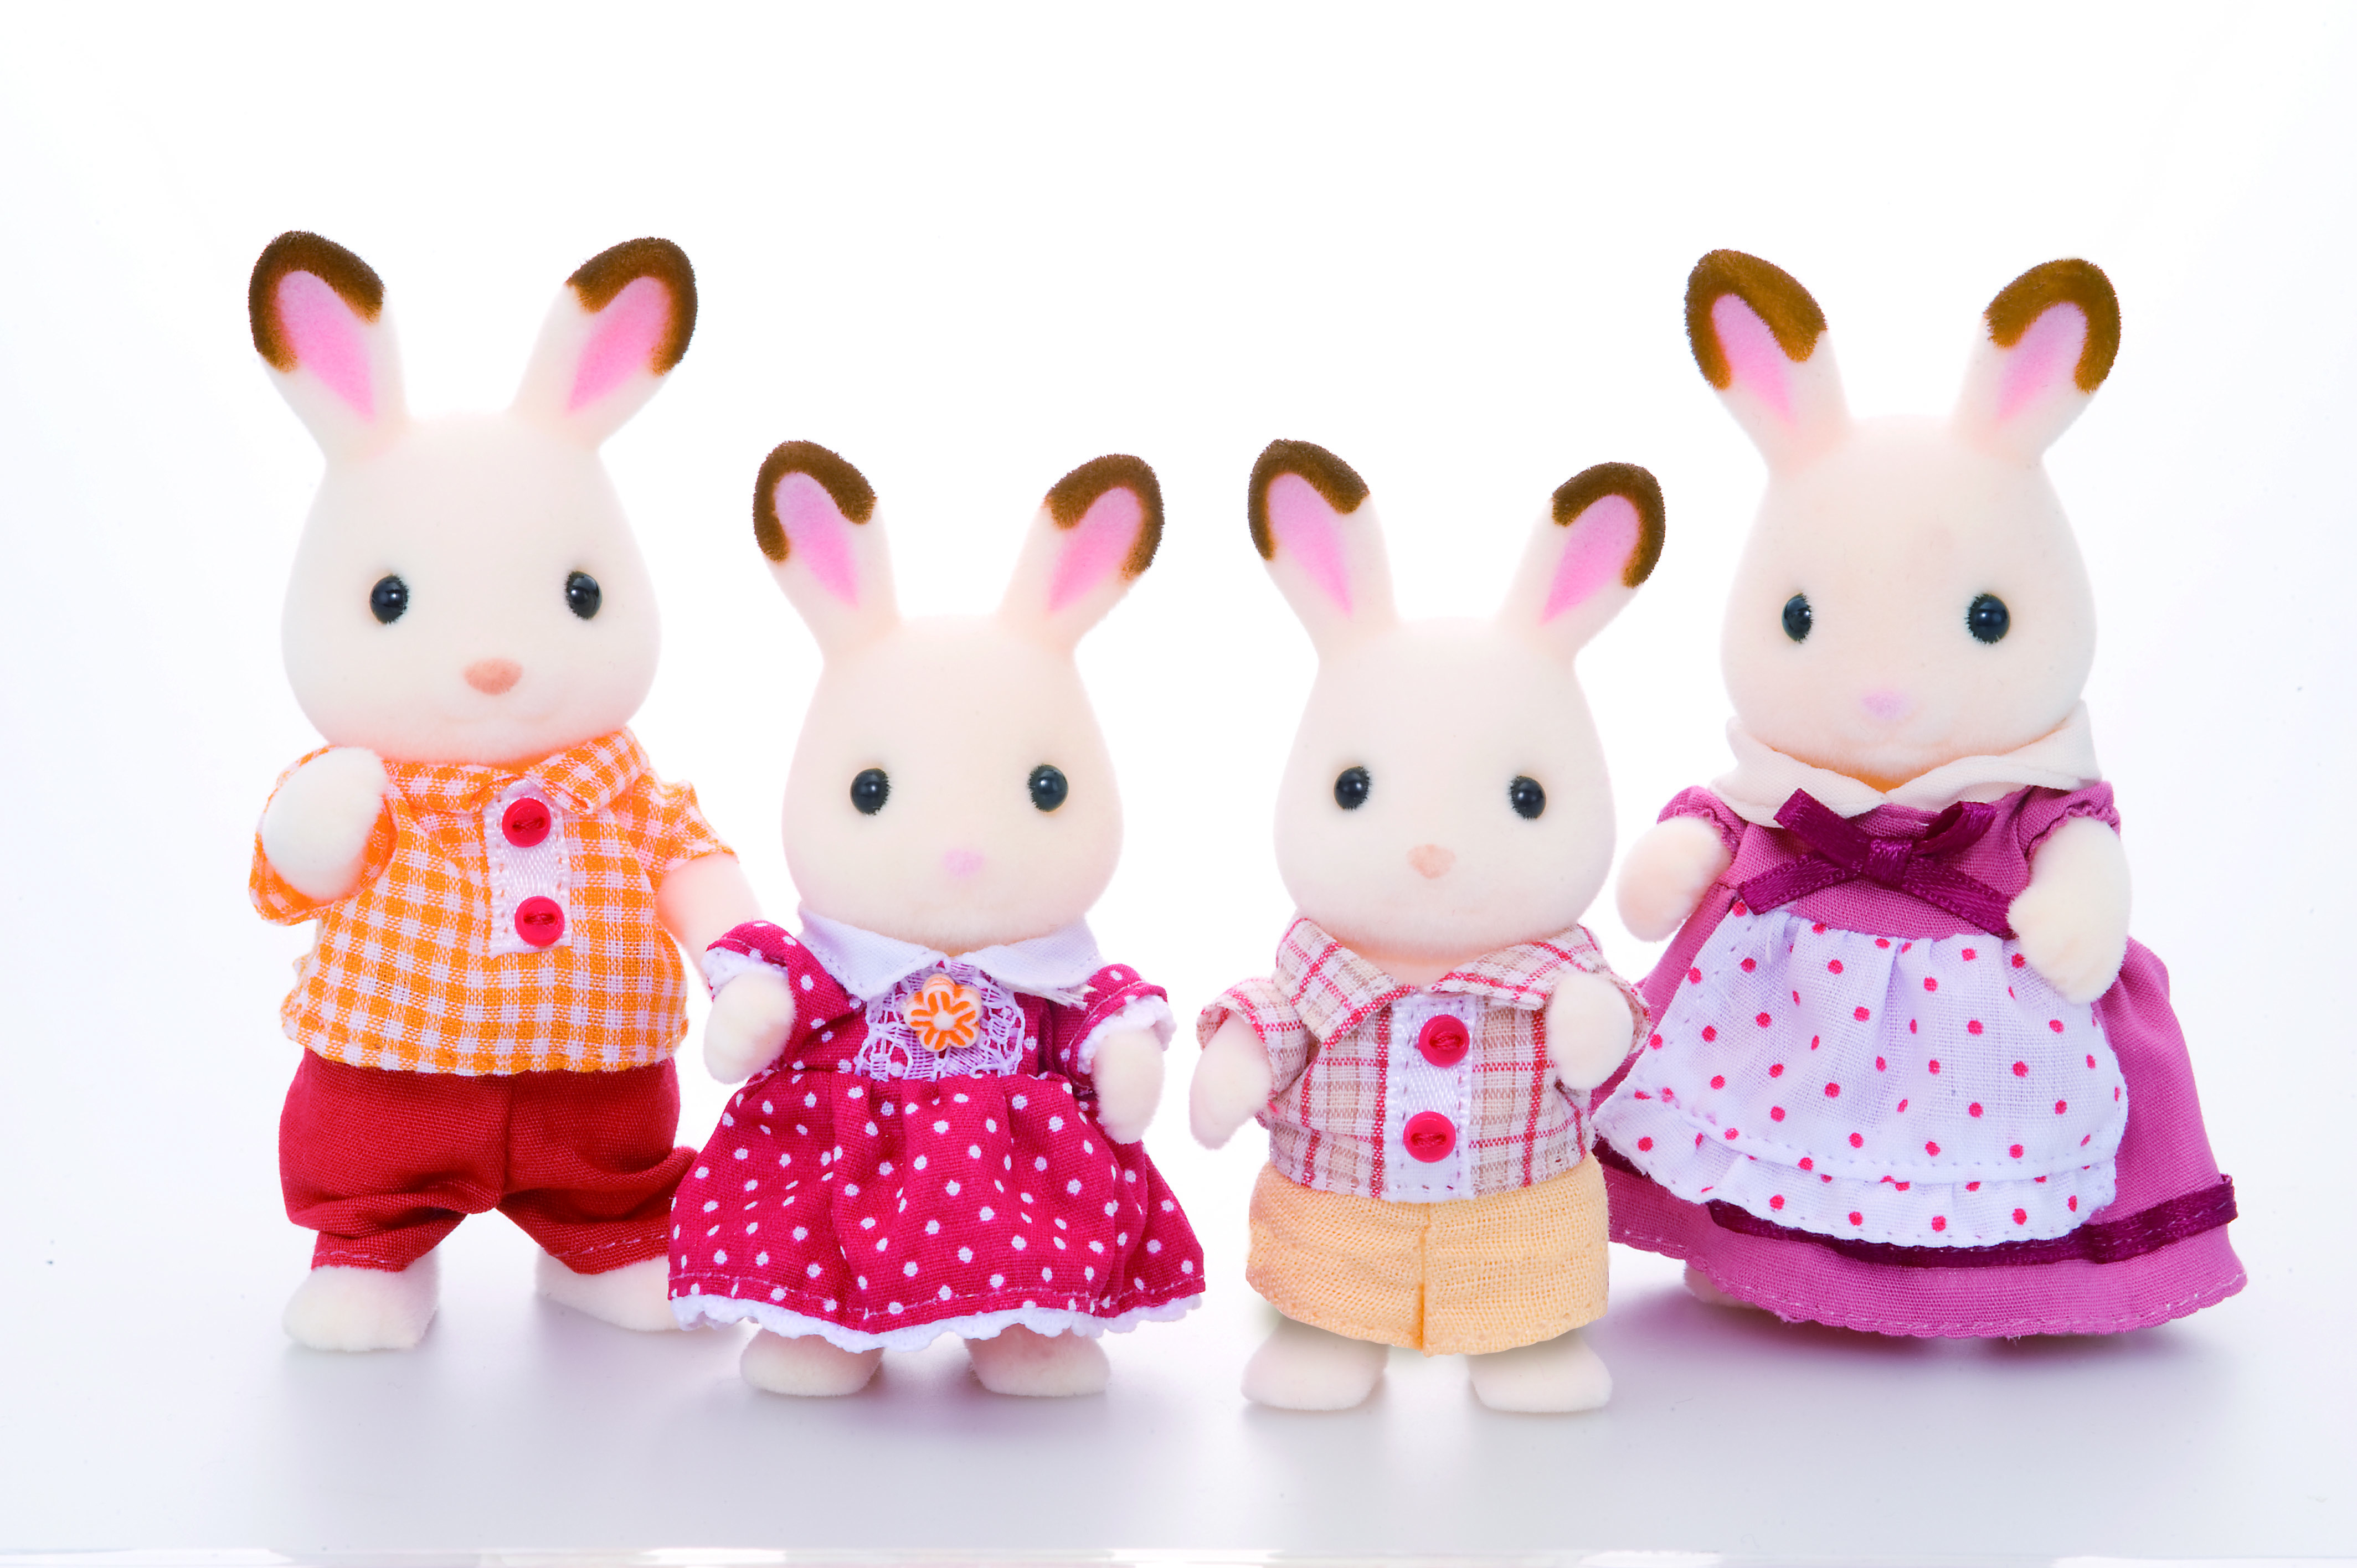 Игровой набор SYLVANIAN FAMILIES Семья Шоколадных Кроликов игровые наборы sylvanian families игровой набор семья шоколадных кроликов